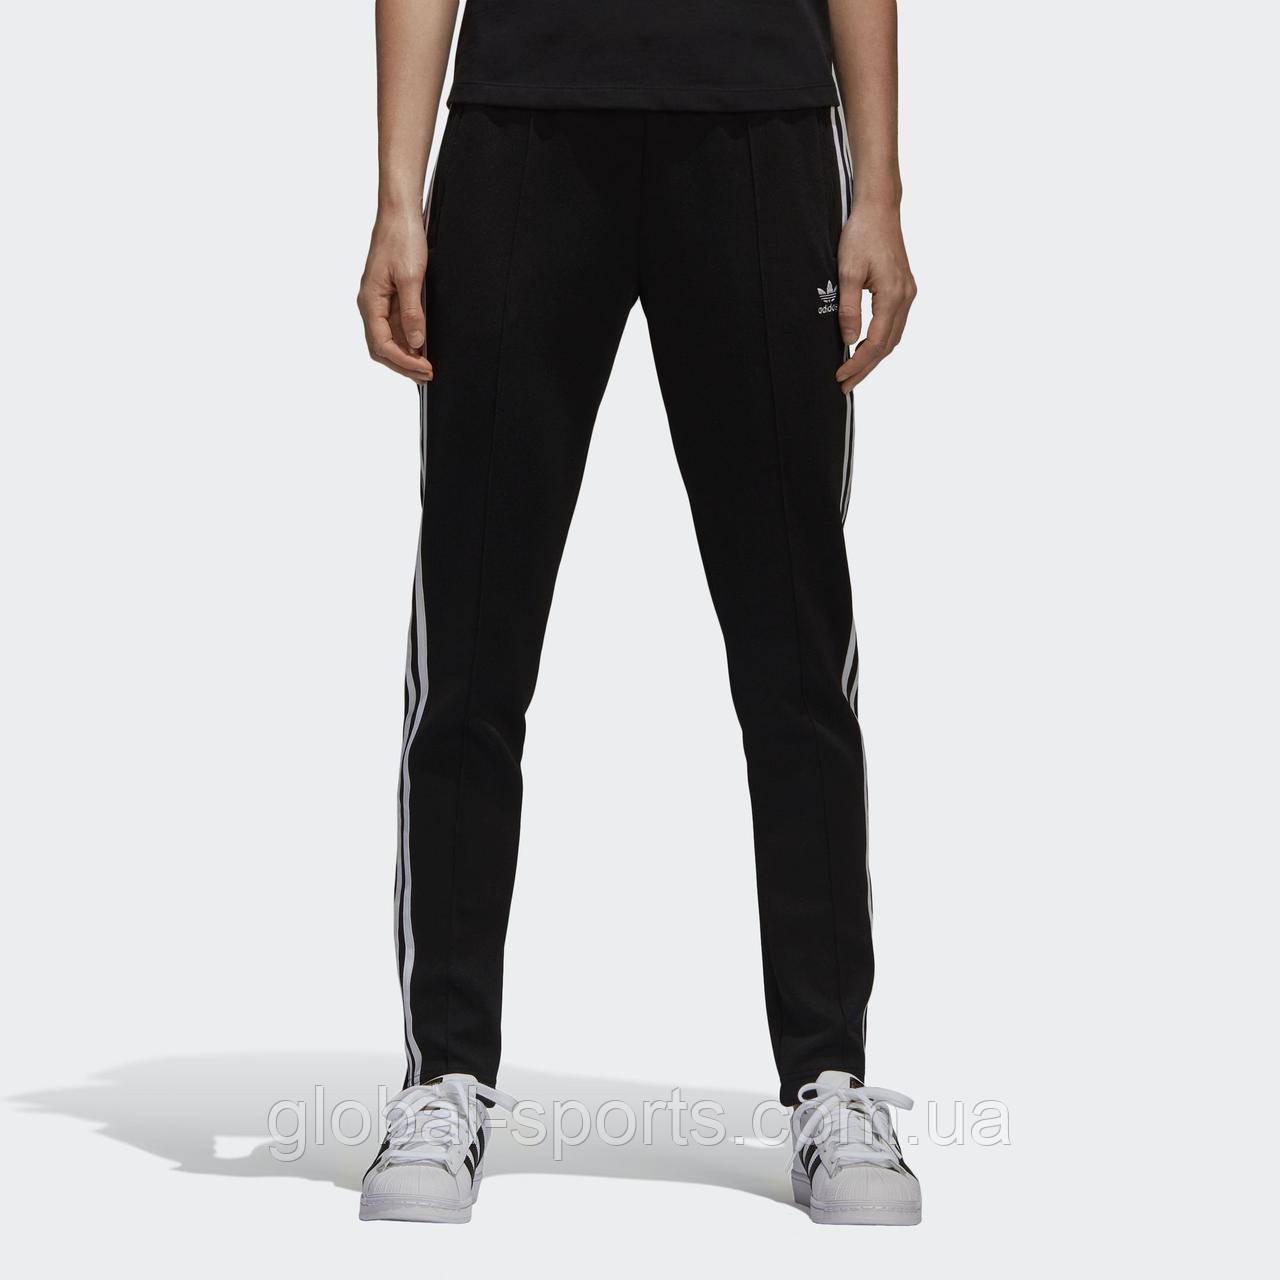 Женские брюки Adidas Originals Superstar Sst (Артикул:CE2400)